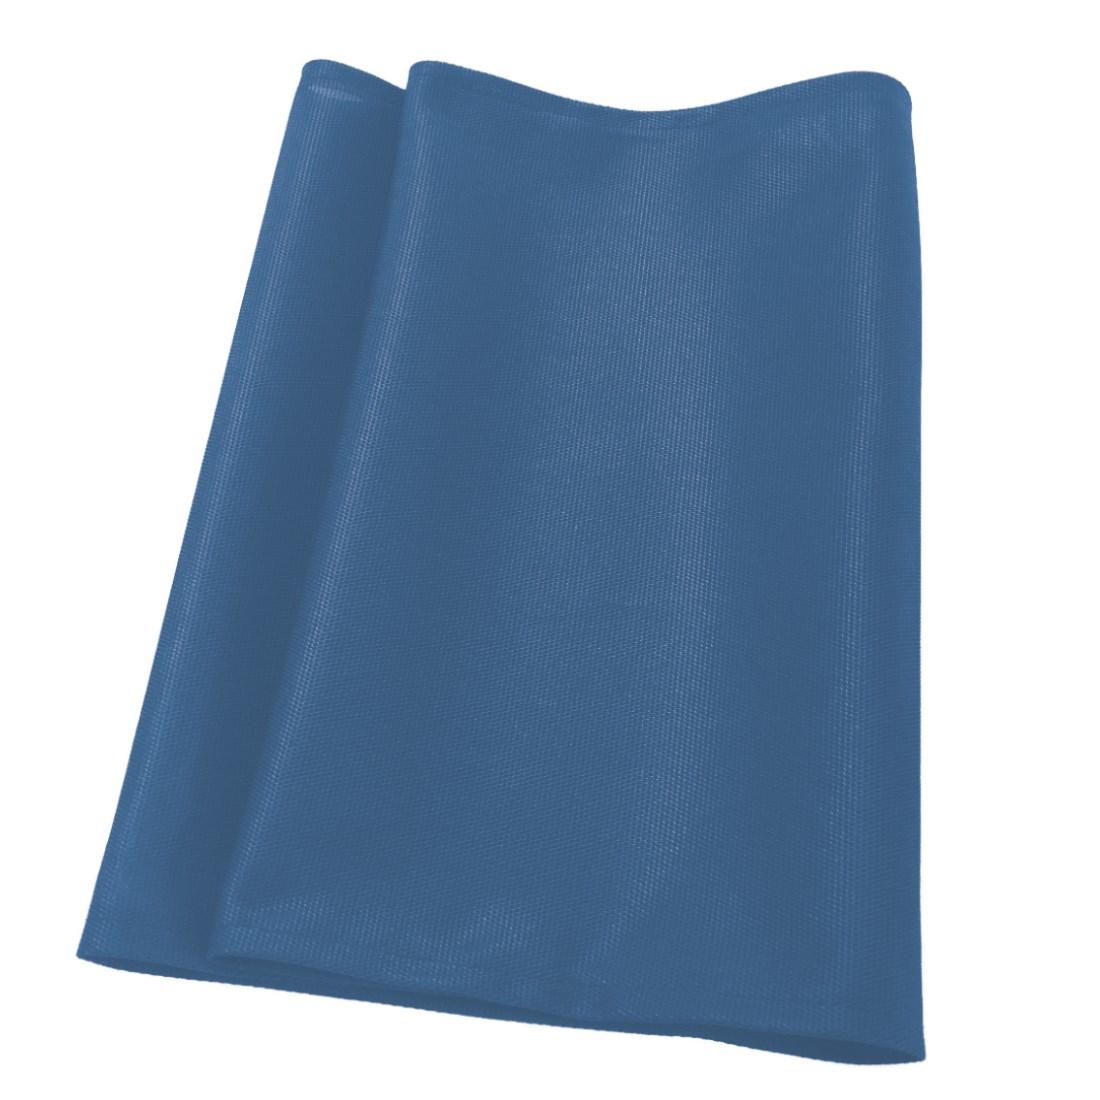 Pokrowiec dekoracyjny do oczyszczaczy powietrza IDEAL AP 30 / 40 PRO - ciemnoniebieski